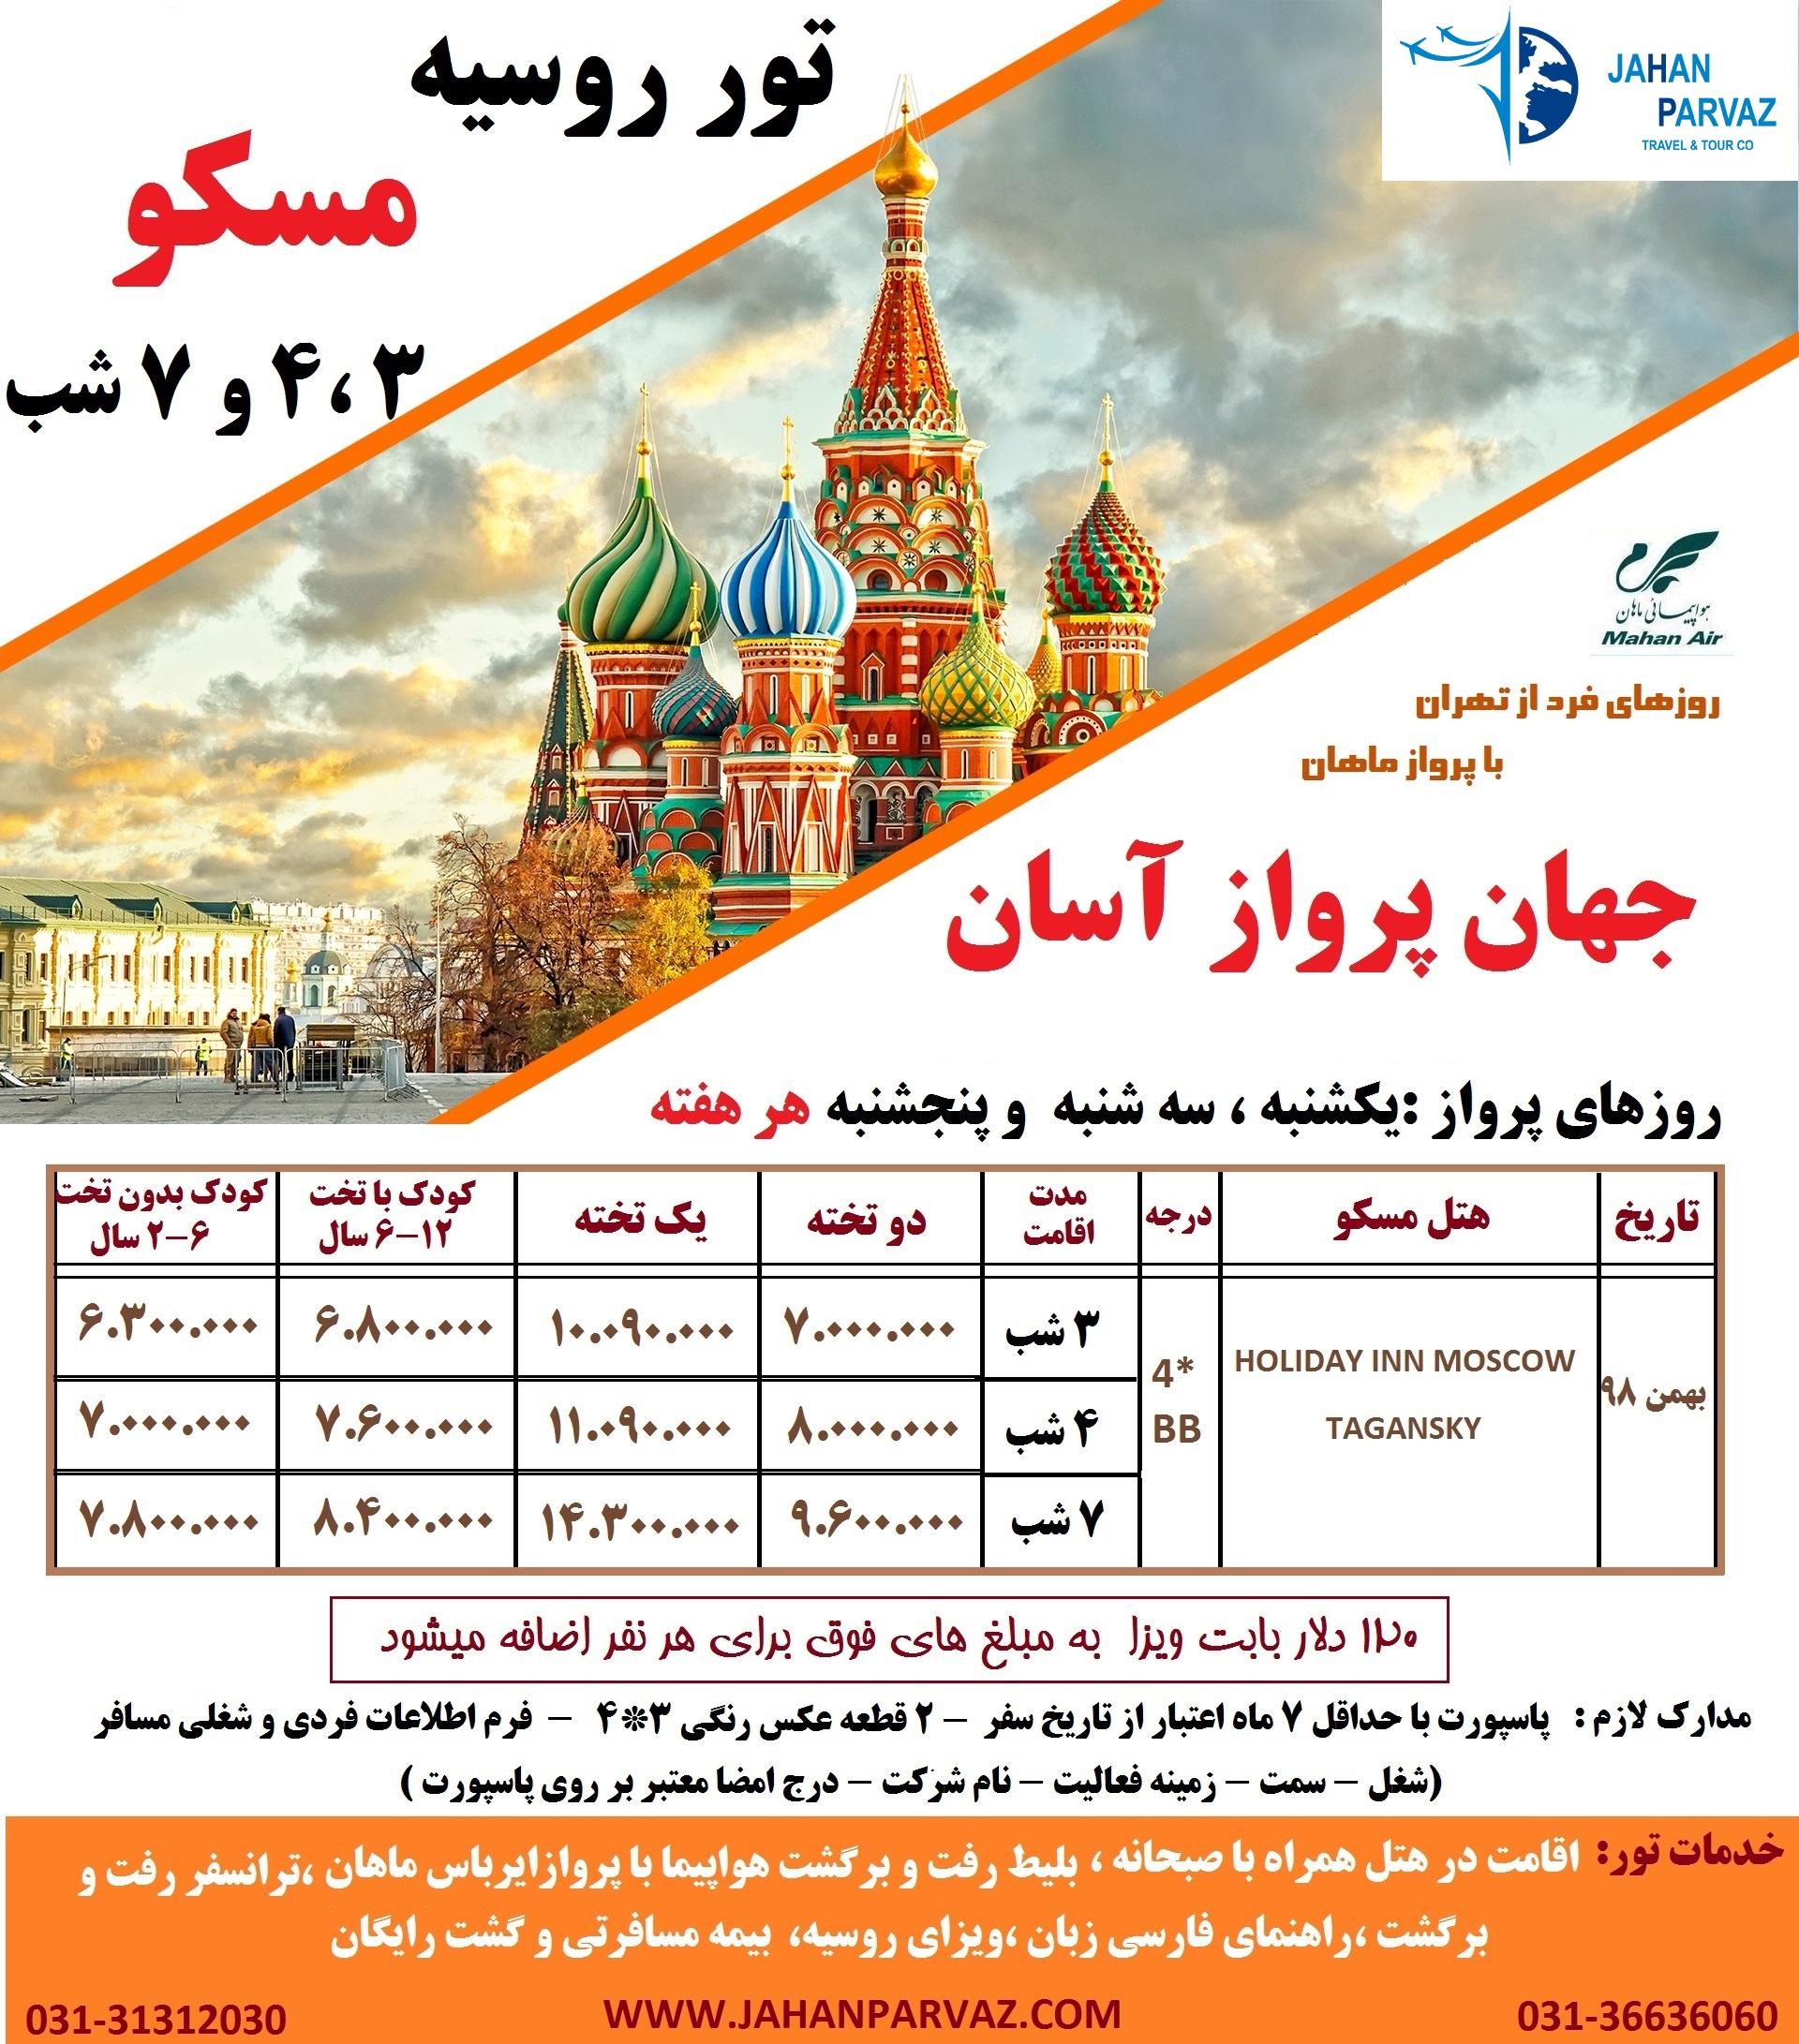 تور روسیه از تهران ویژه بهمن ۹۸-جهان پرواز آسان